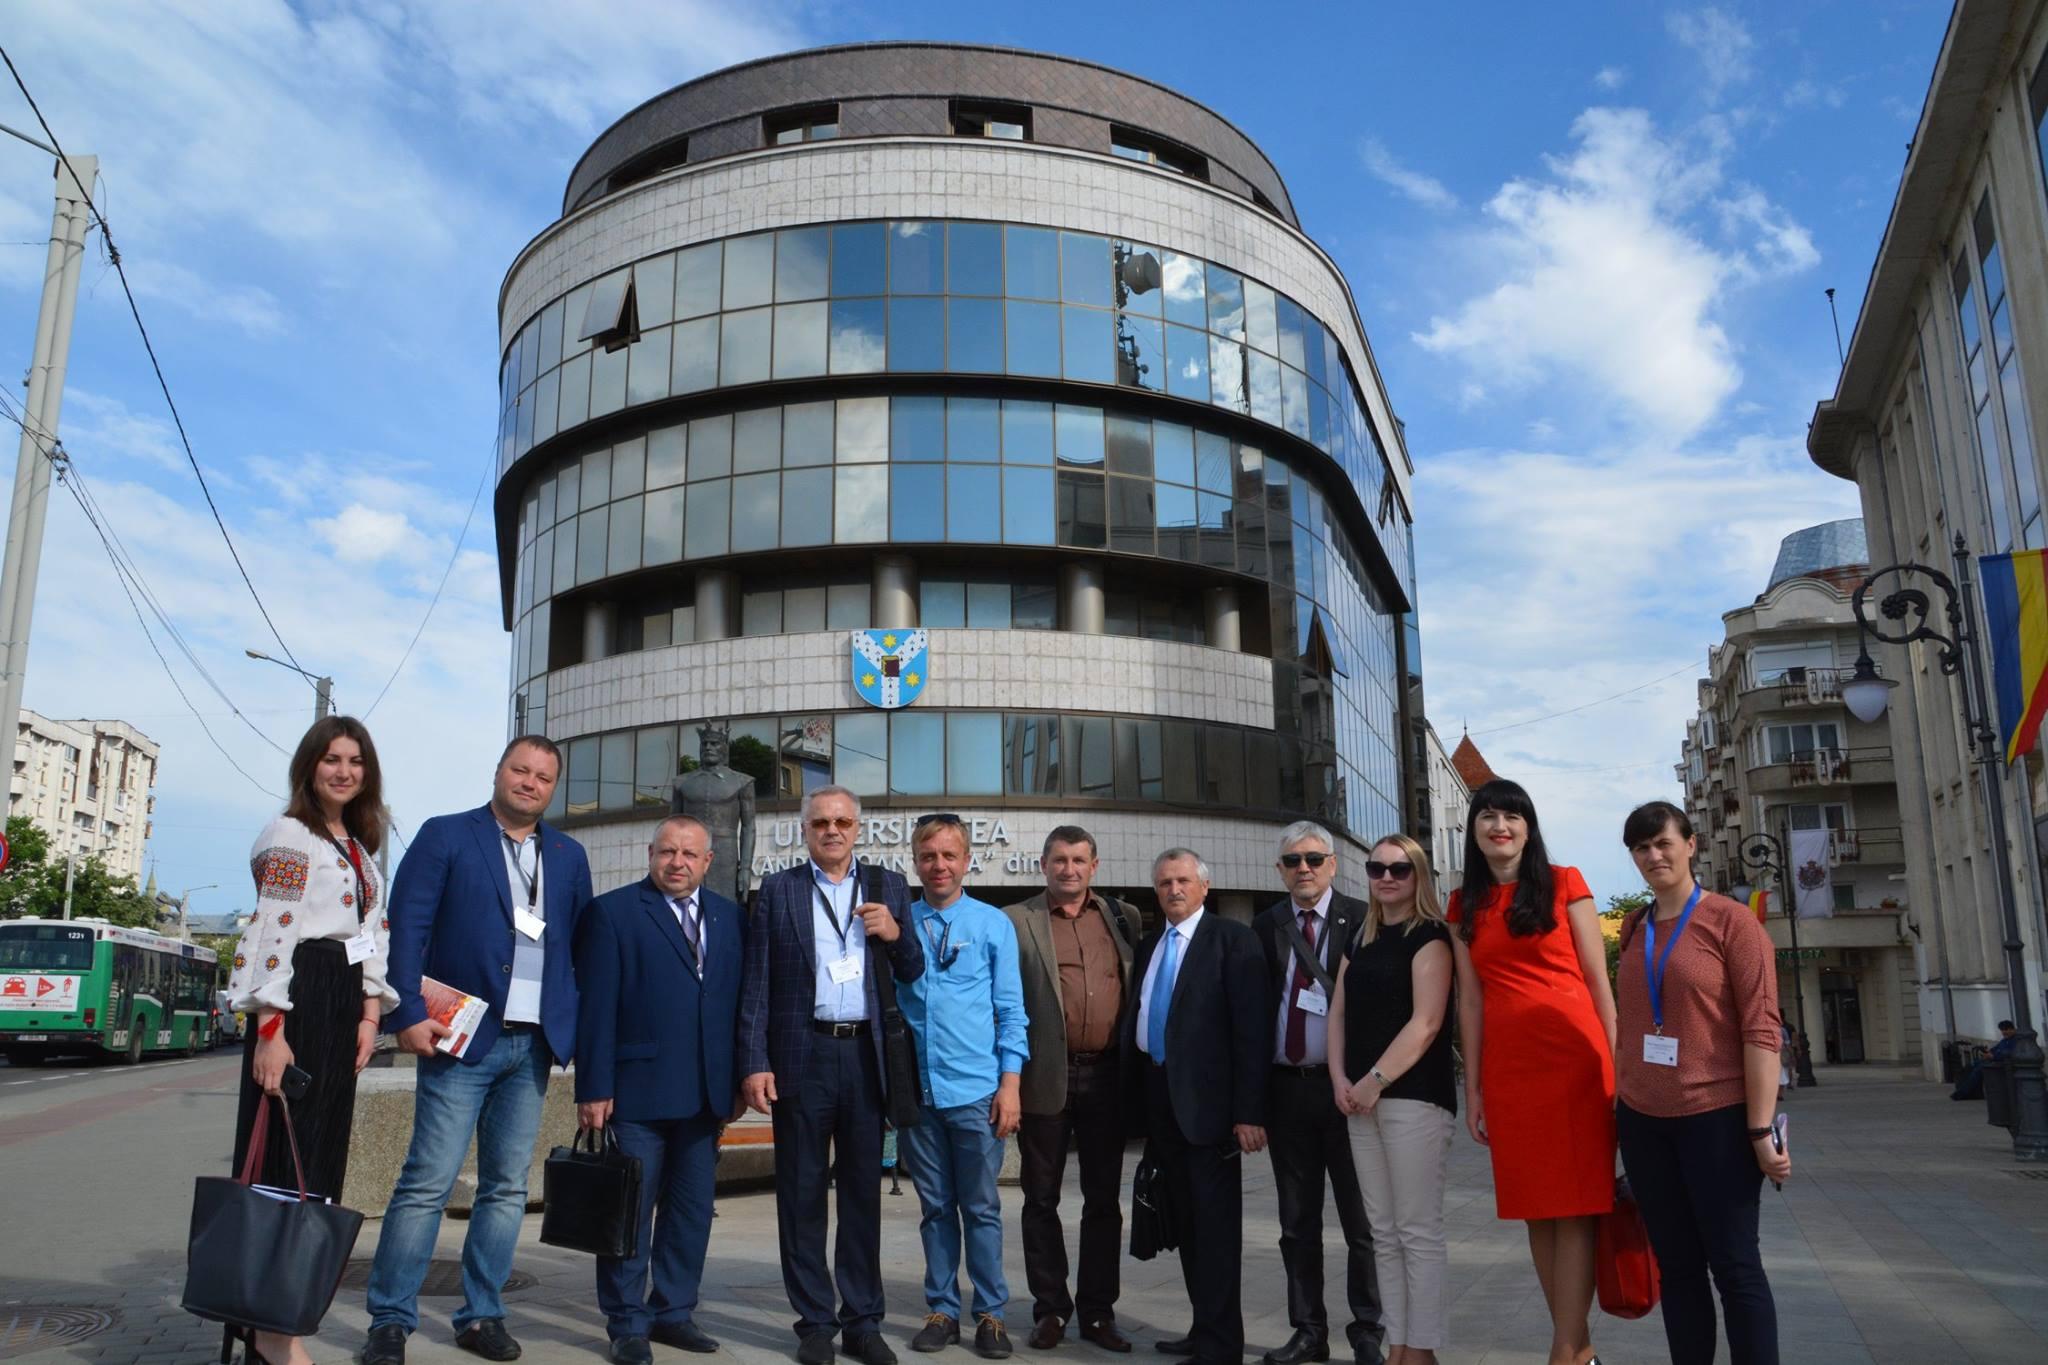 <a class=&quot;amazingslider-posttitle-link&quot; href=&quot;http://www.euroregiune.org/17-19-mai-delegatie-din-vinita-si-donetk/&quot; target=&quot;_self&quot;>17 - 19 mai, Delegație din Vinița și Donețk</a>